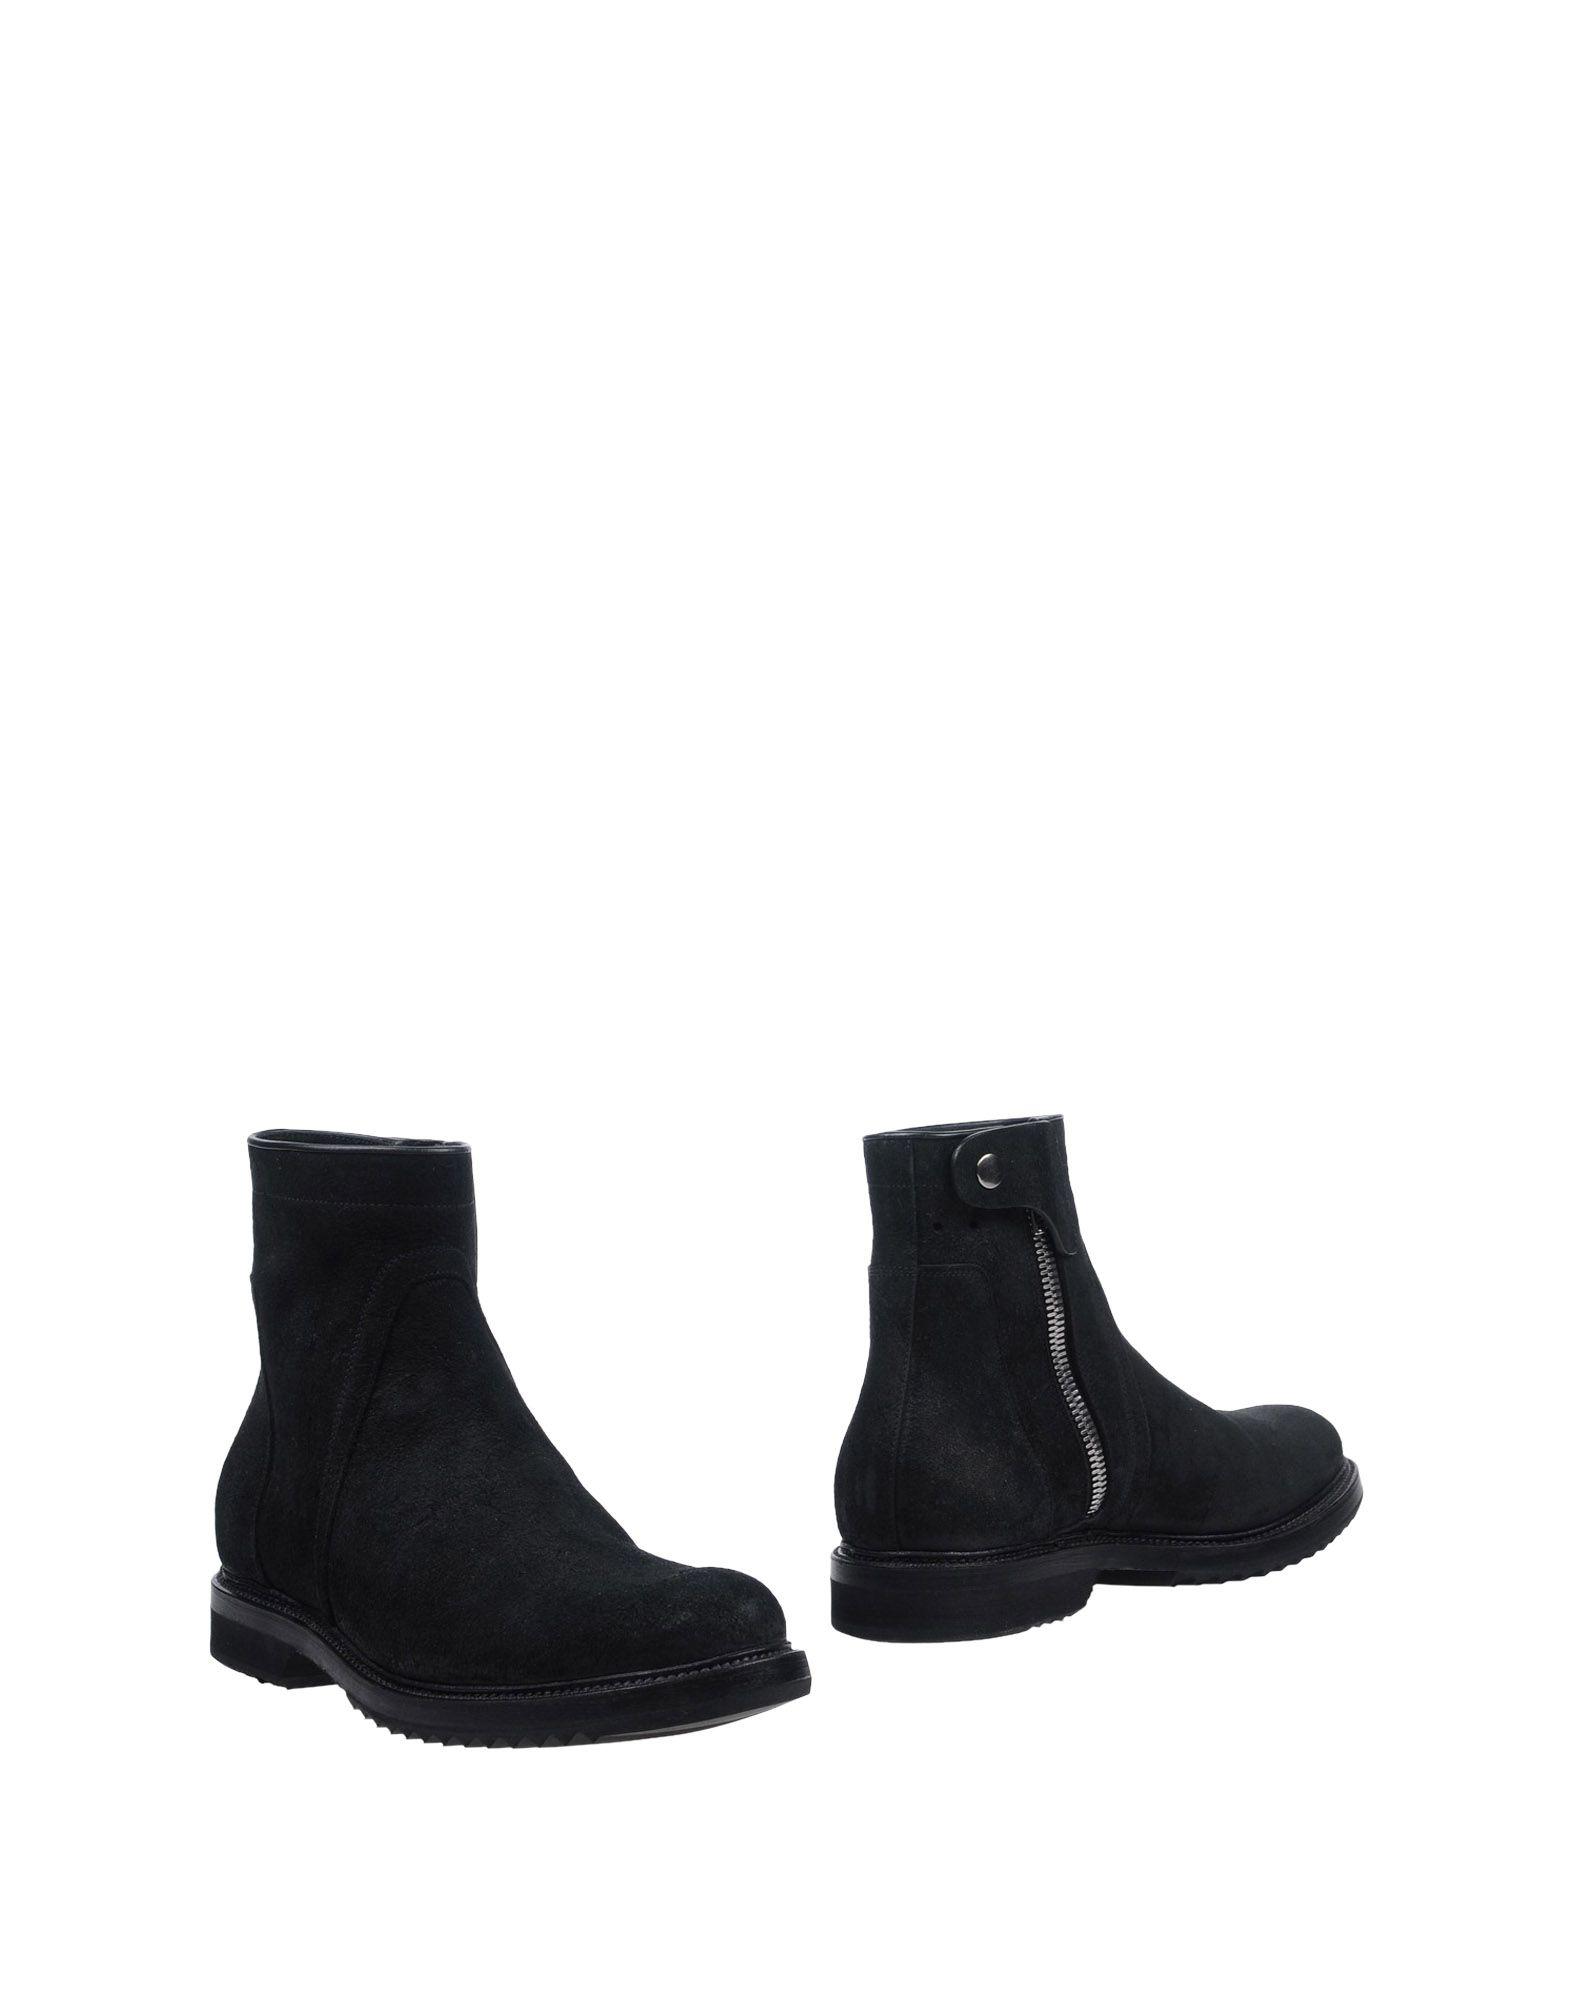 Rick Owens Stiefelette Herren  11452497MH Gute Qualität beliebte Schuhe